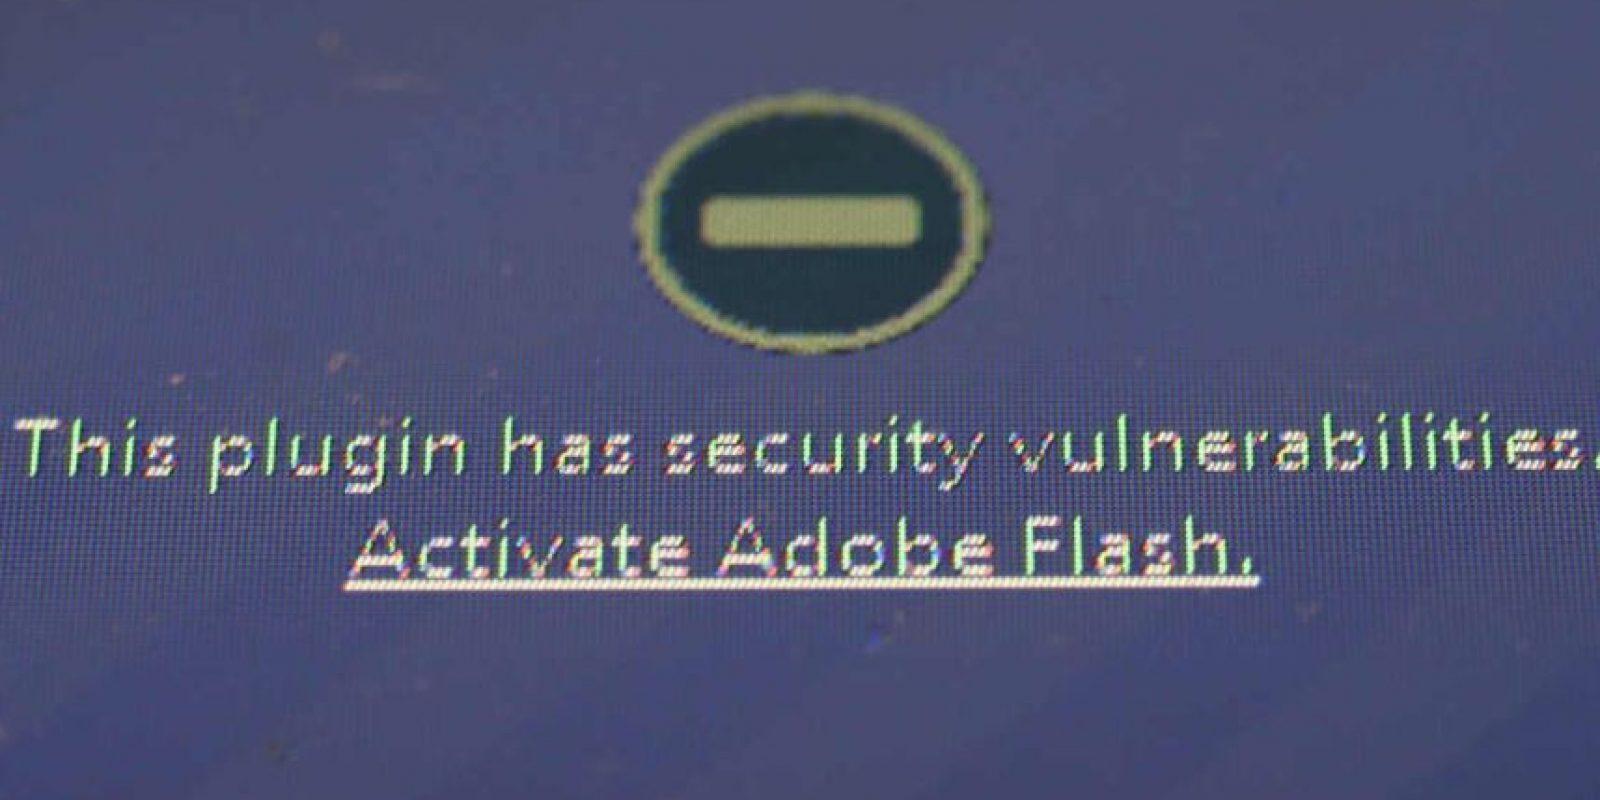 Otro motivo fue la falta de seguridad de Flash, que persistía aunque Apple trabajó con Adobe para resolverlo. Foto:Getty Images